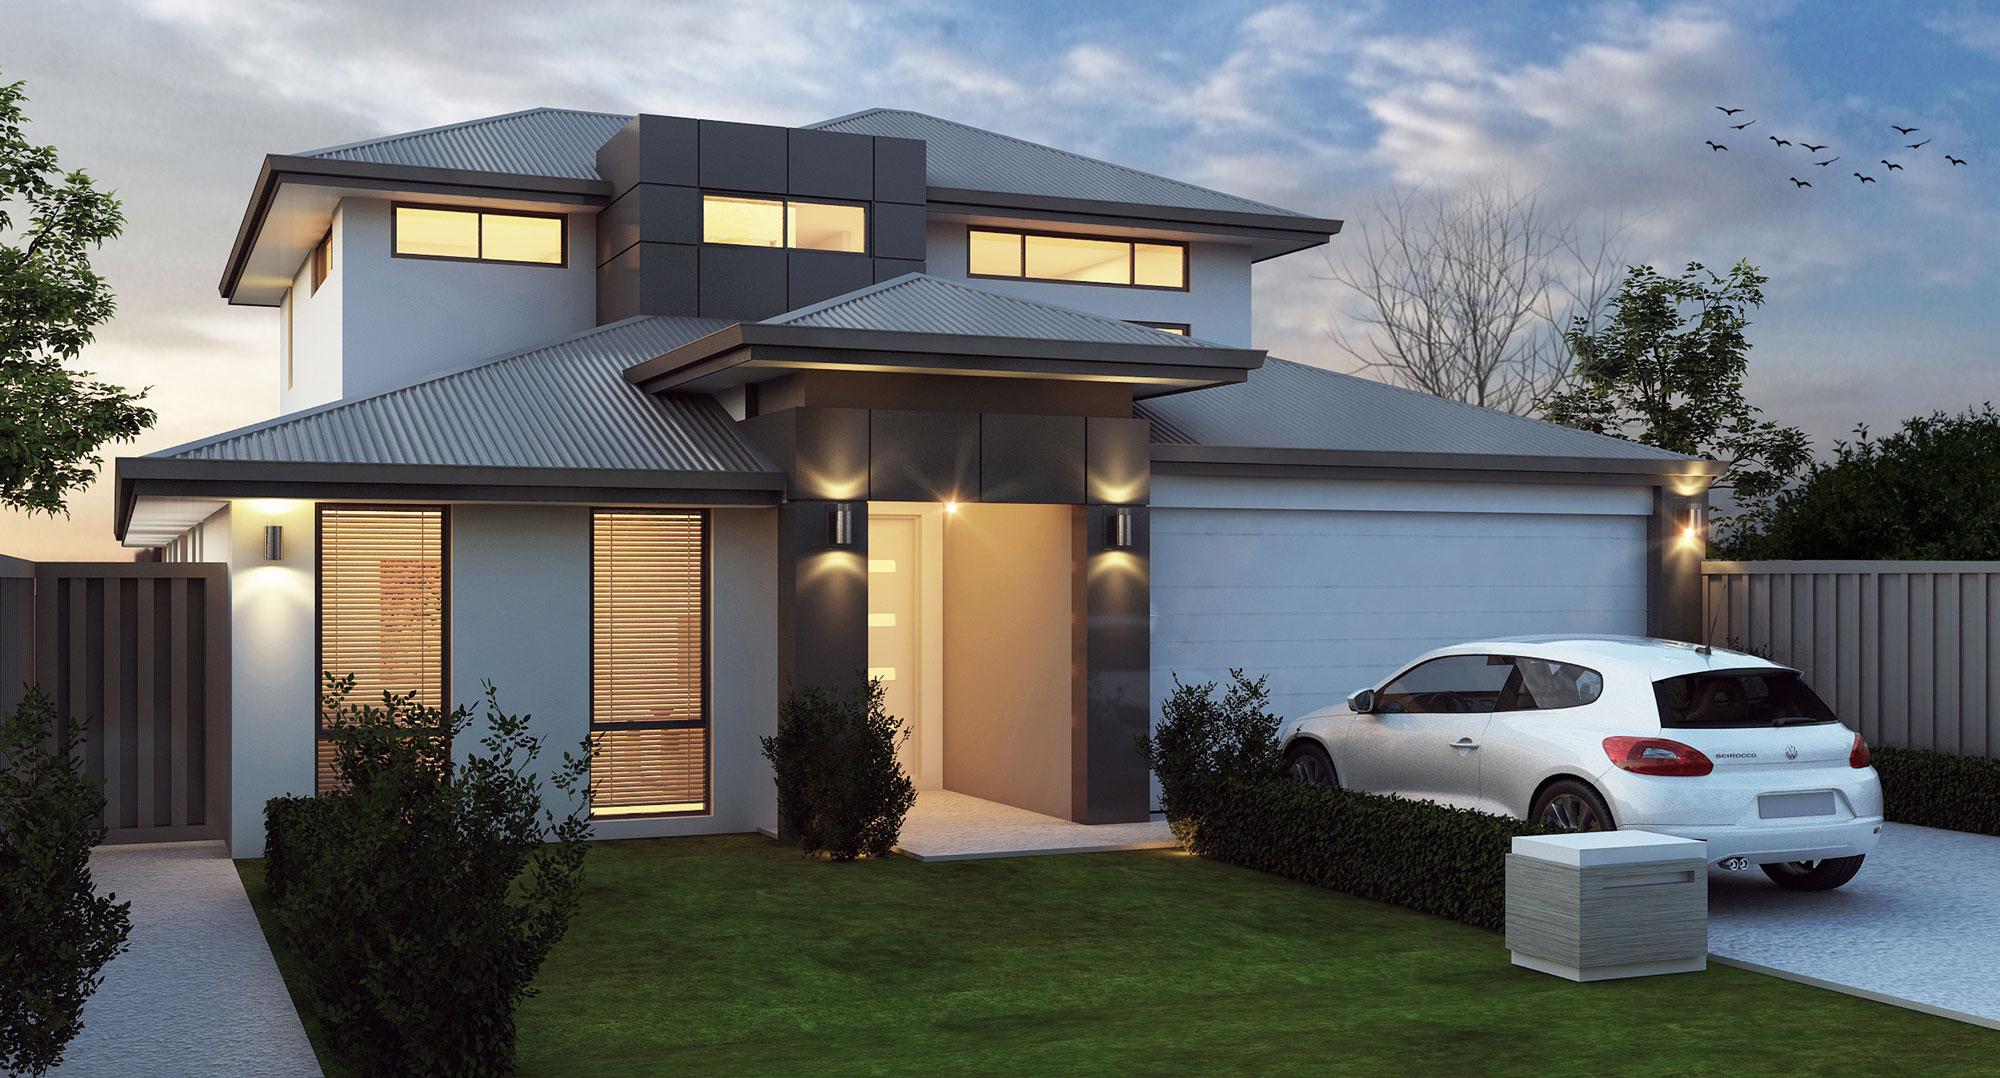 Home design - Callidus 2000